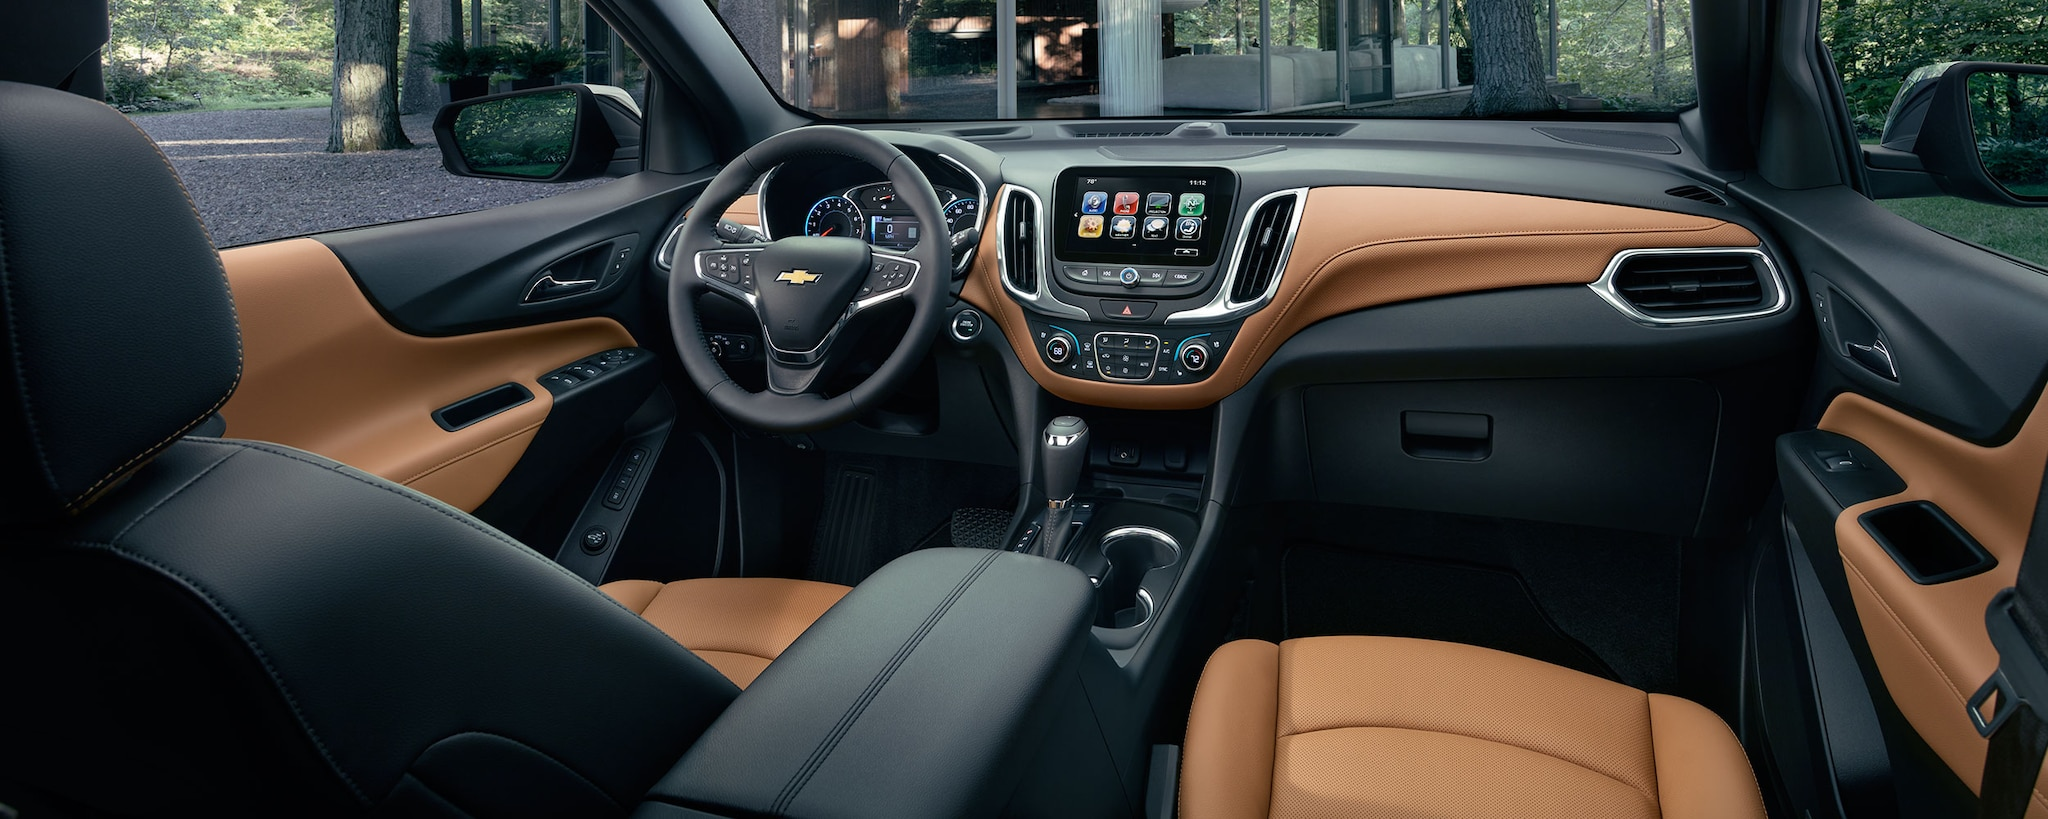 SUV Crossover de Chevrolet: Interior de la Equinox